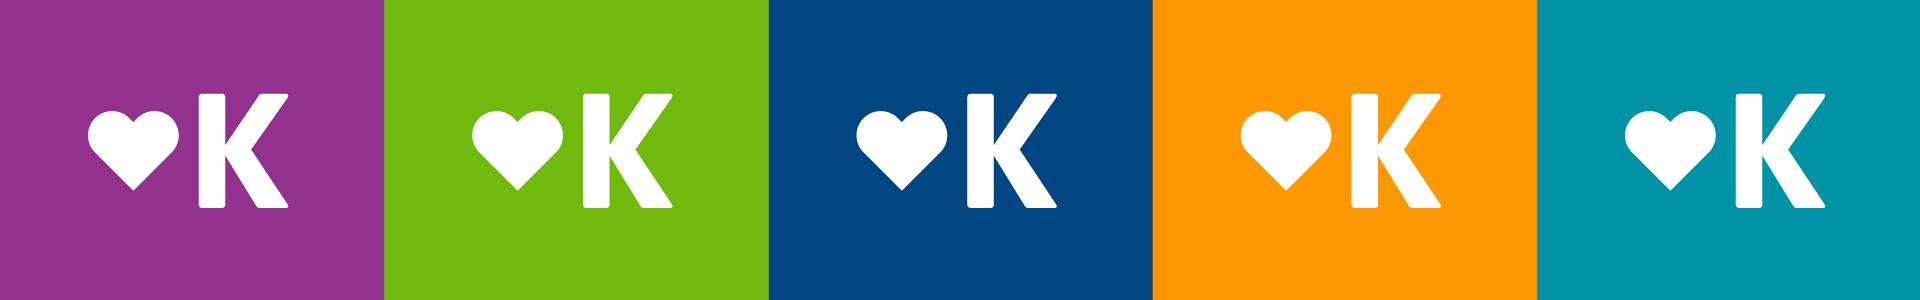 love-kingston-brandmark